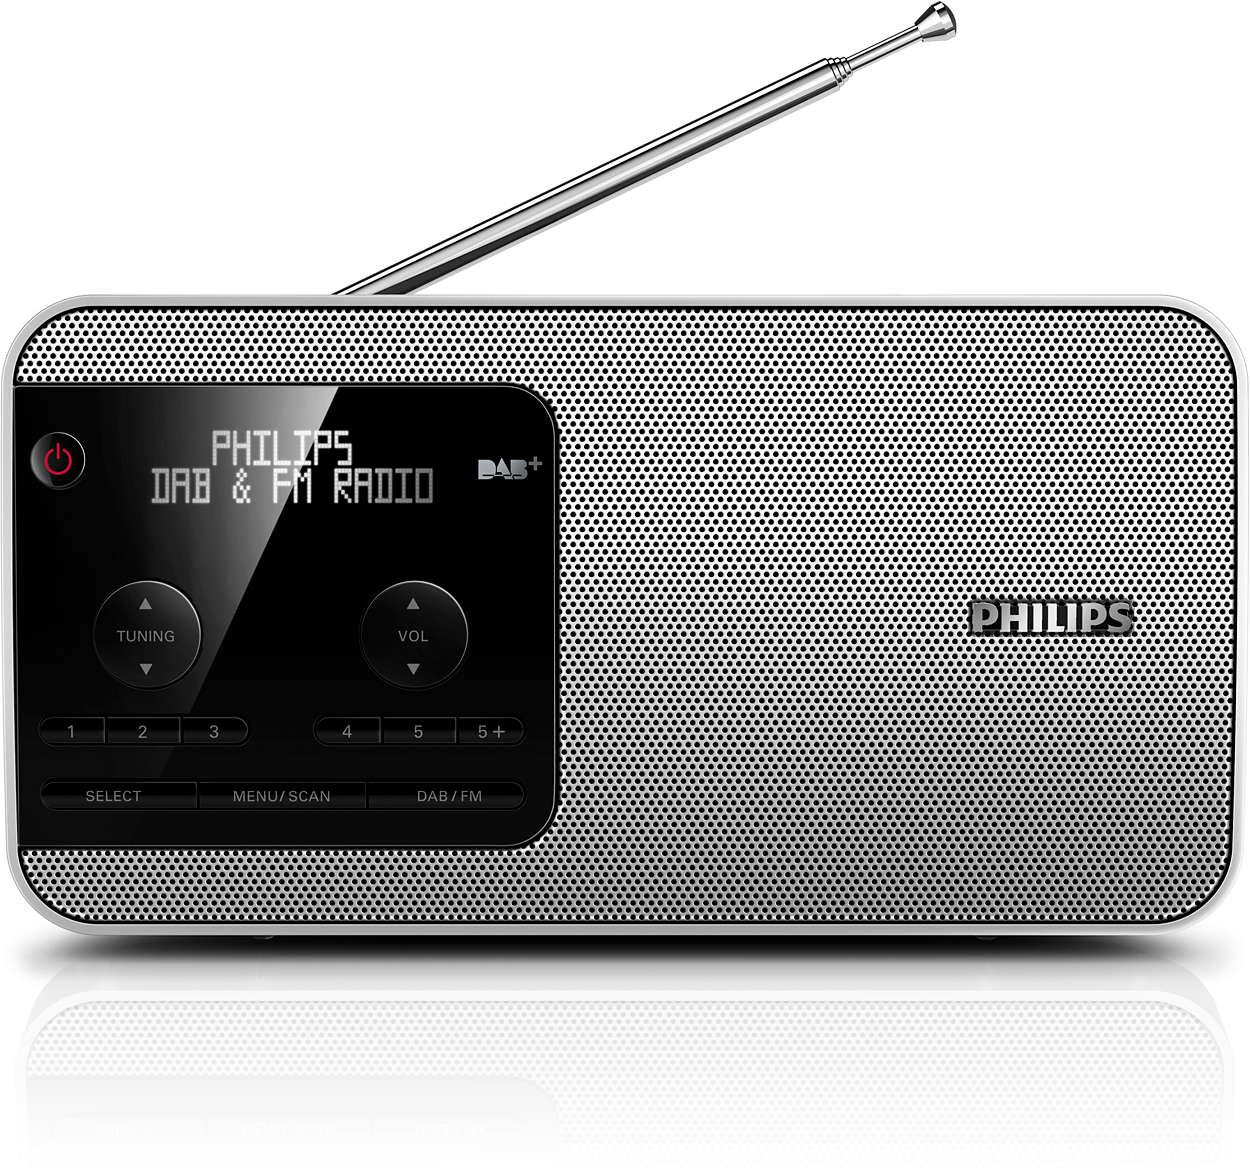 Vychutnajte si rádio DAB+ kdekoľvek!